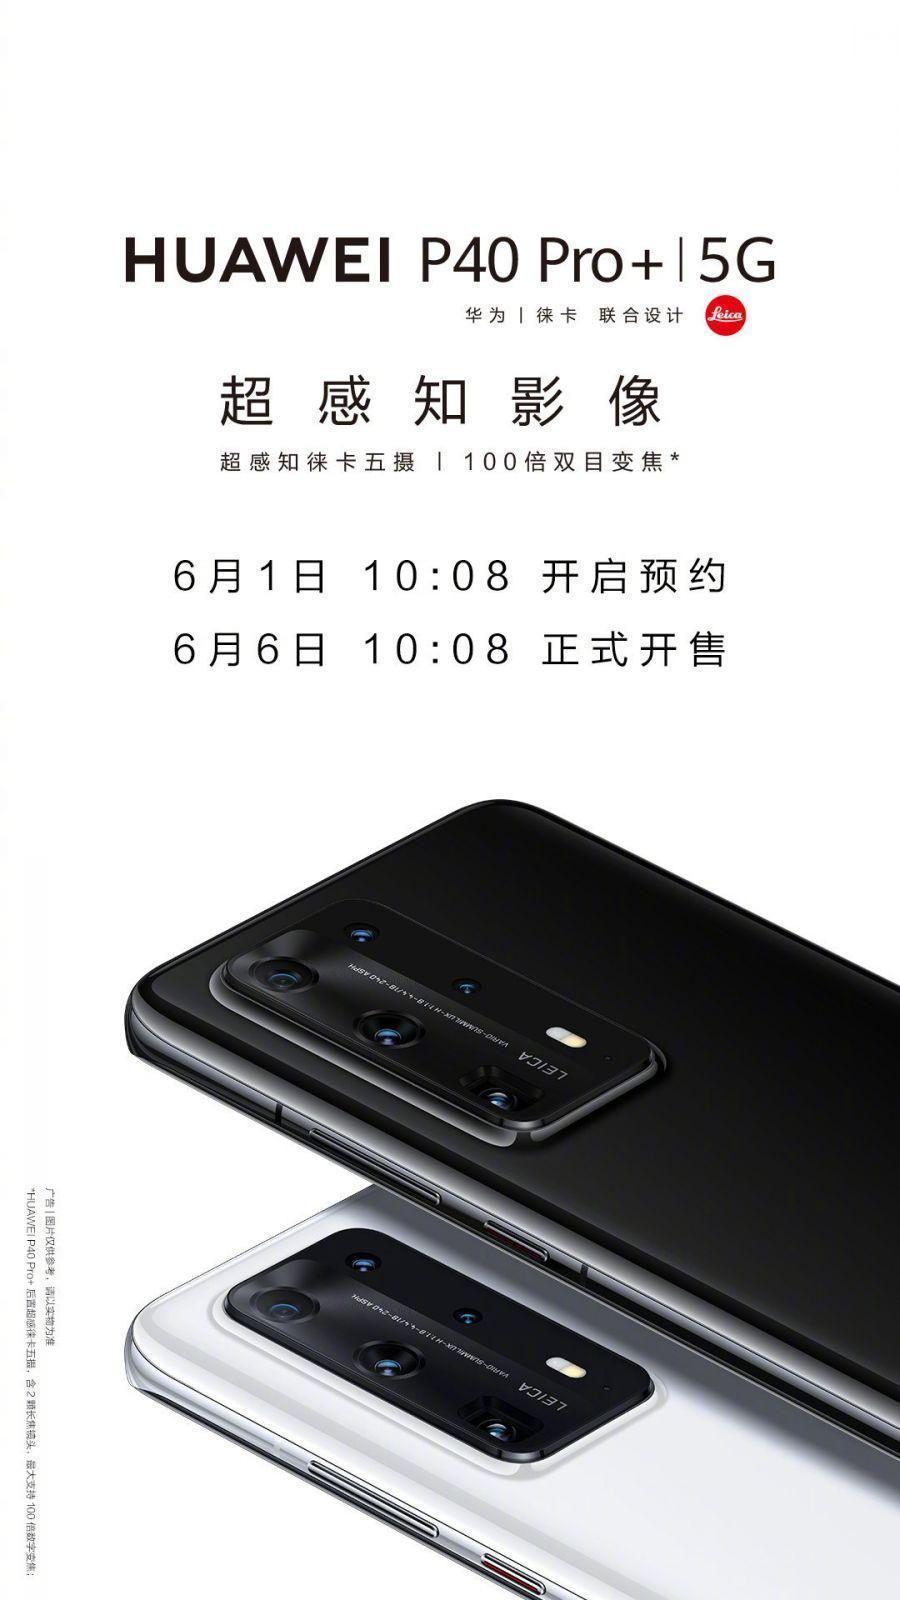 Huawei P40 Pro Plus поступит в продажу 6 июня ()